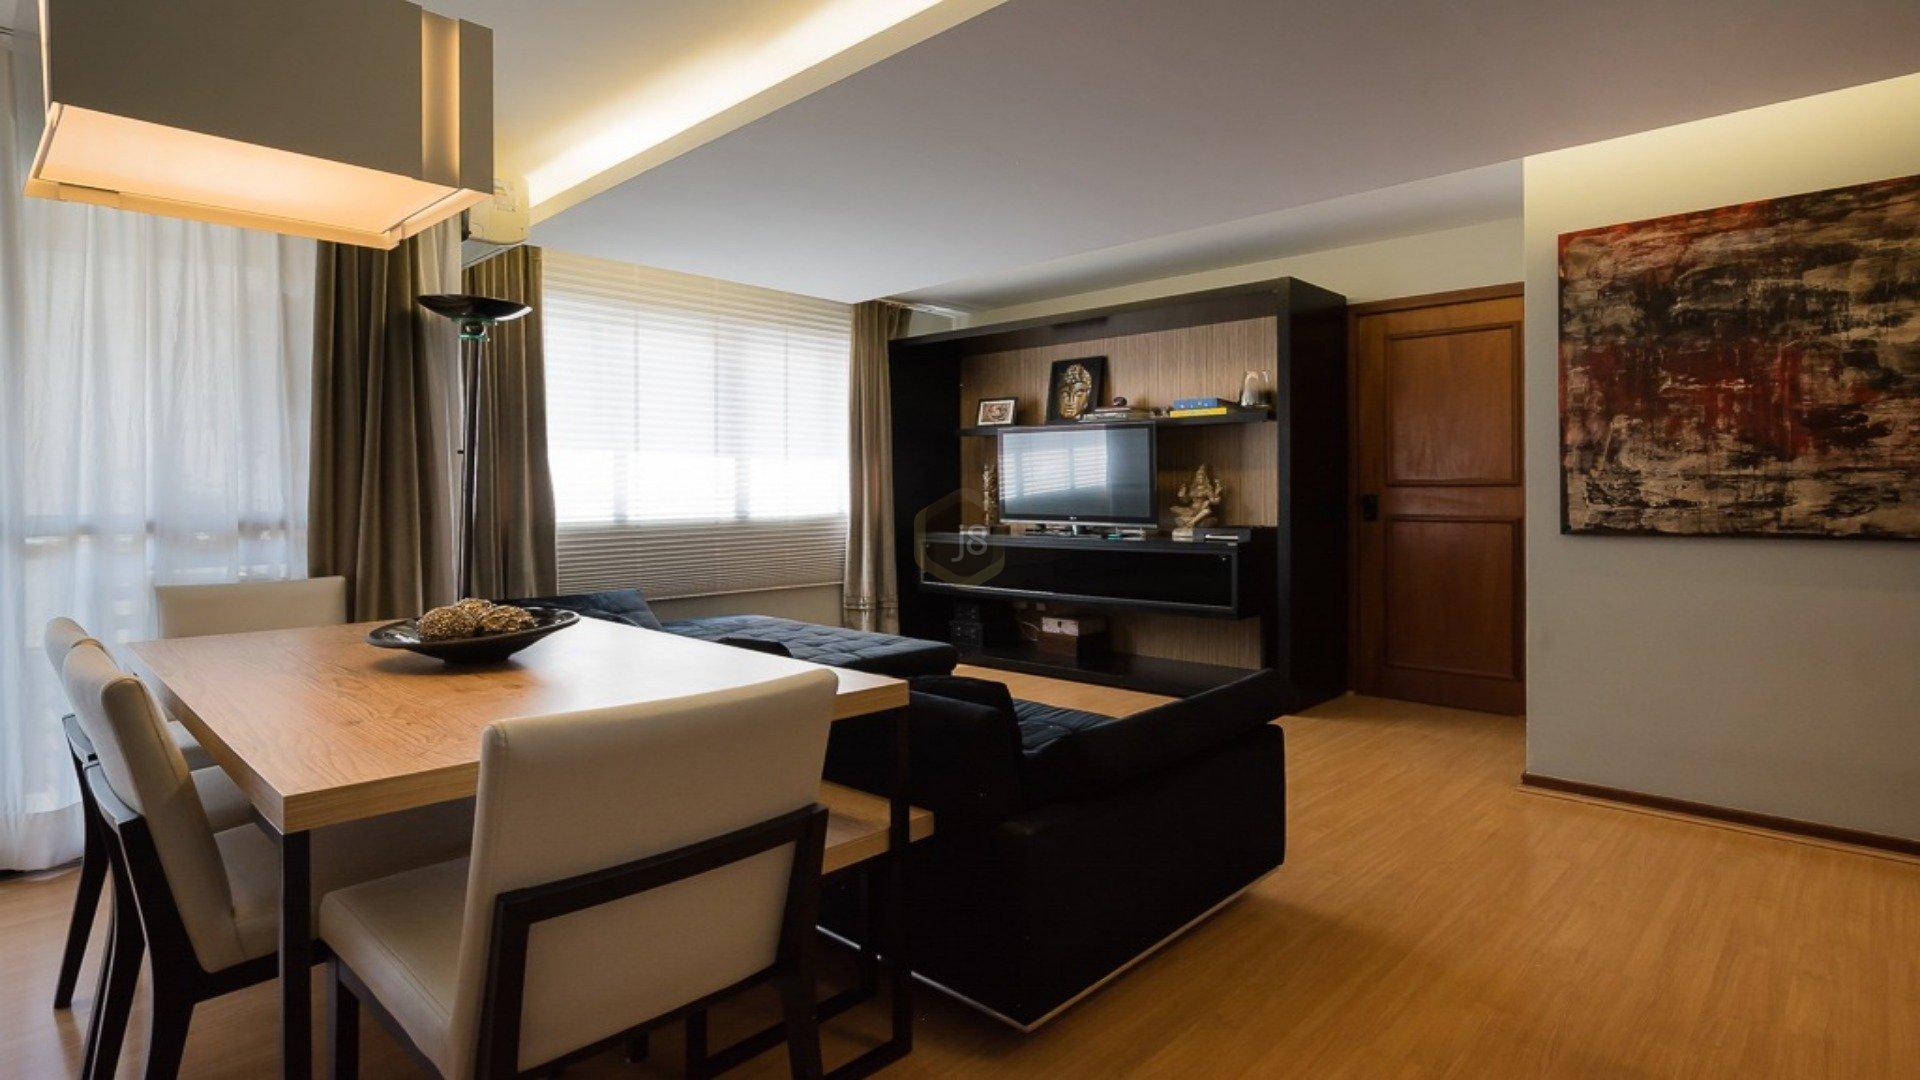 Foto de destaque Seu apartamento no coração da cidade